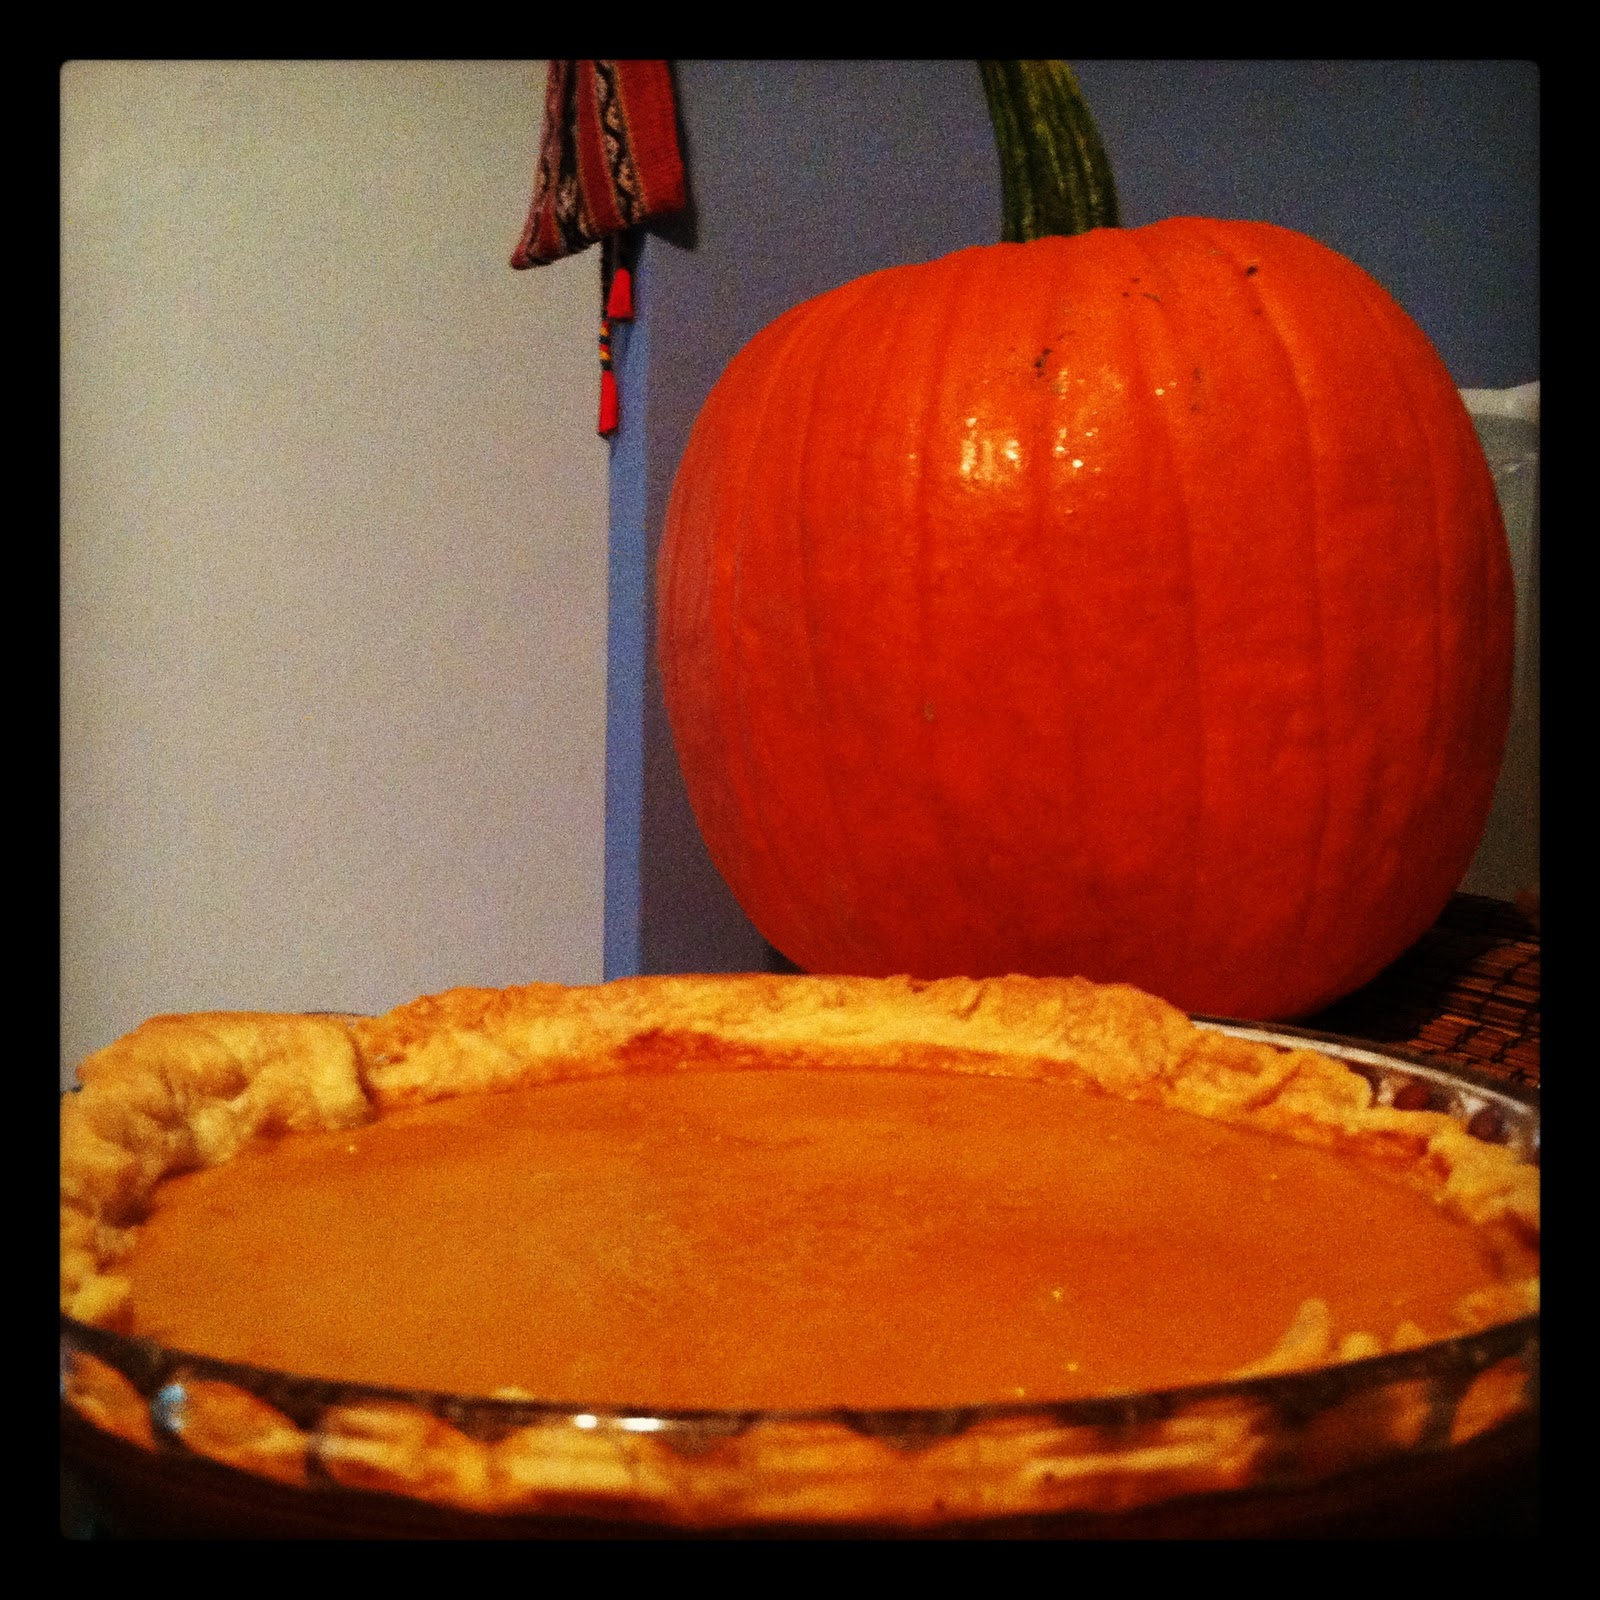 The Kitchen Holiday: Silky Smooth Pumpkin Pie